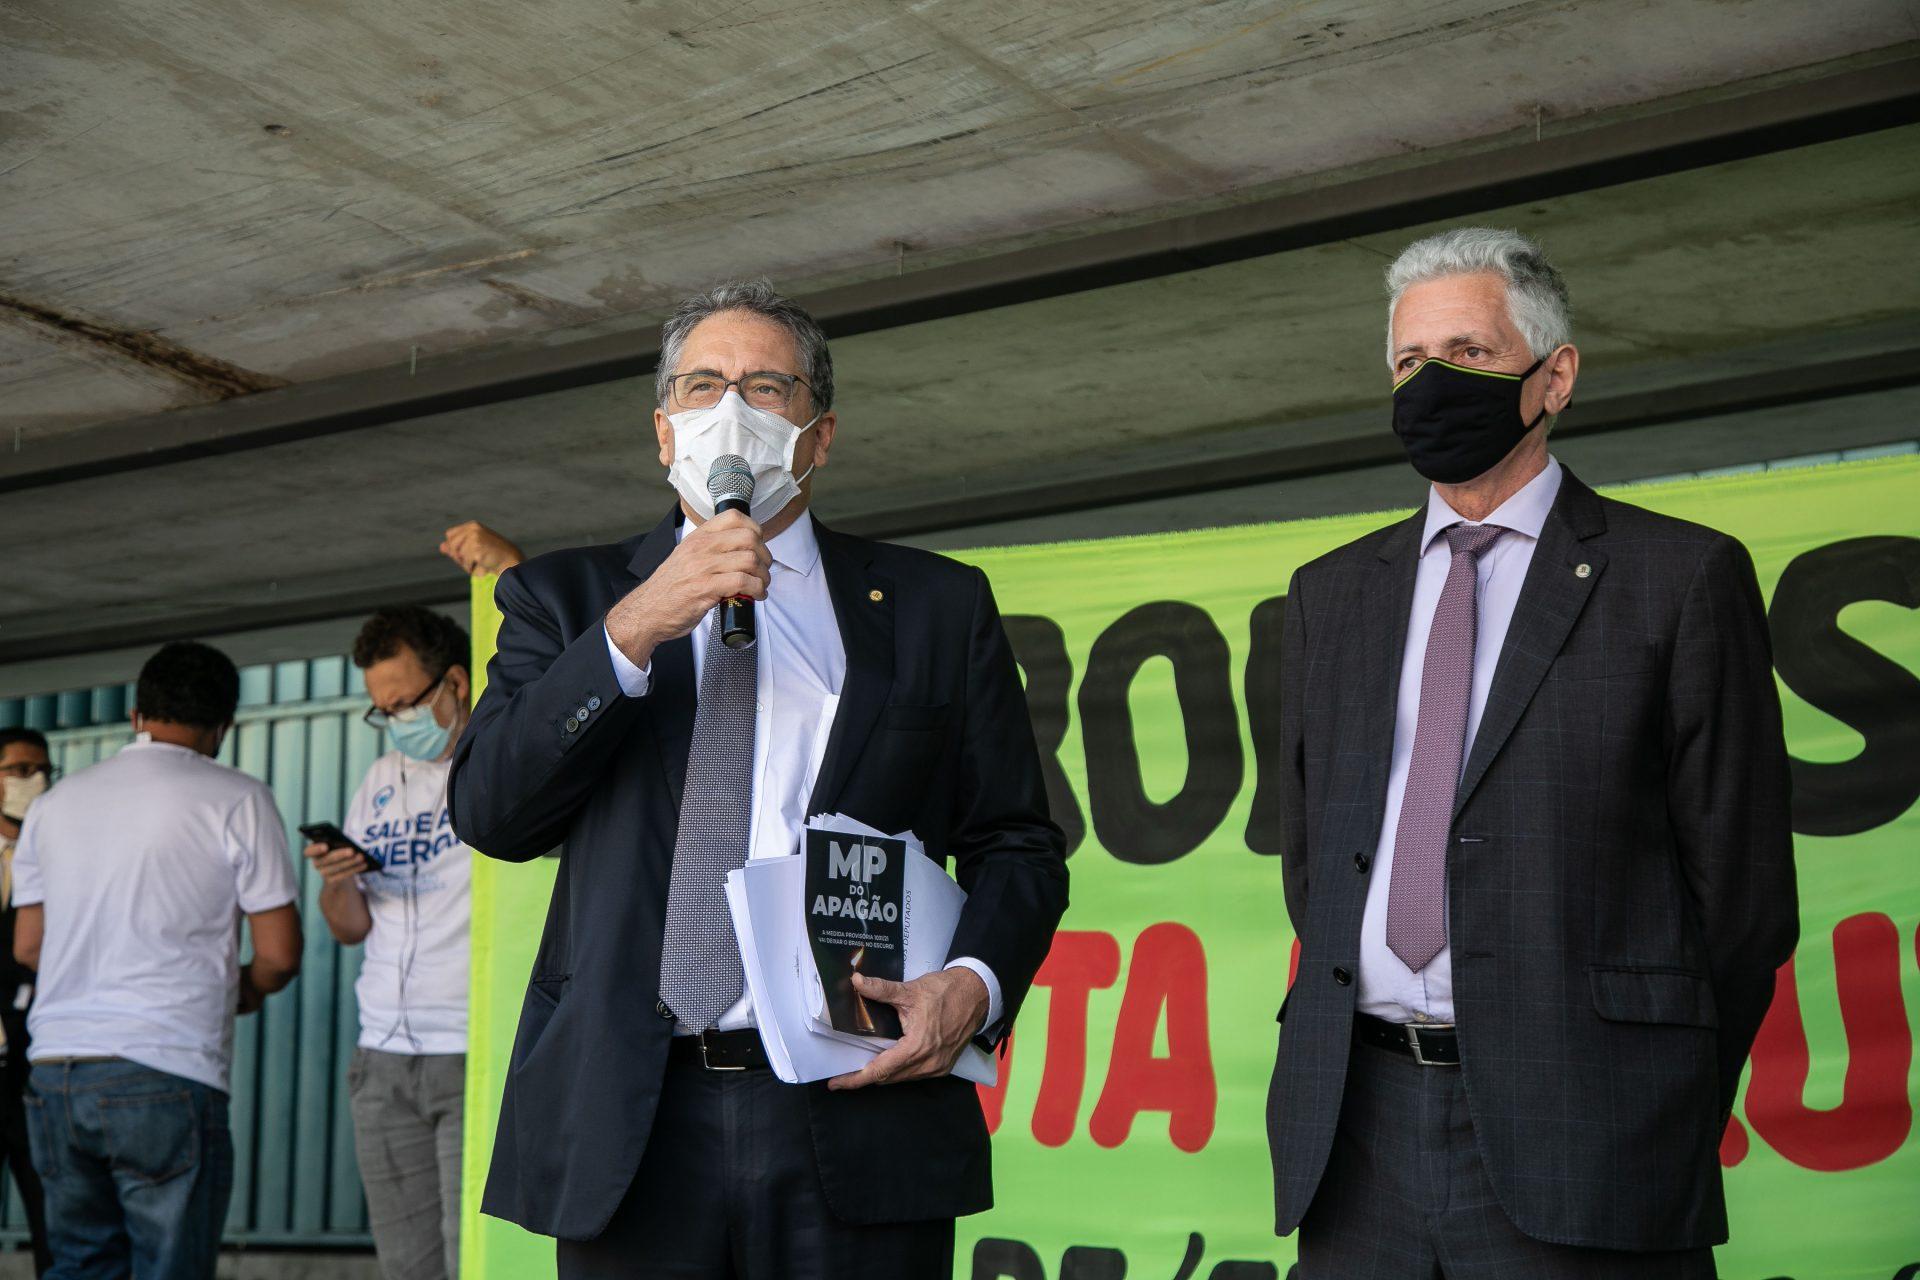 Parlamentares da base do governo tentam votar a toque de caixa privatização da Eletrobras